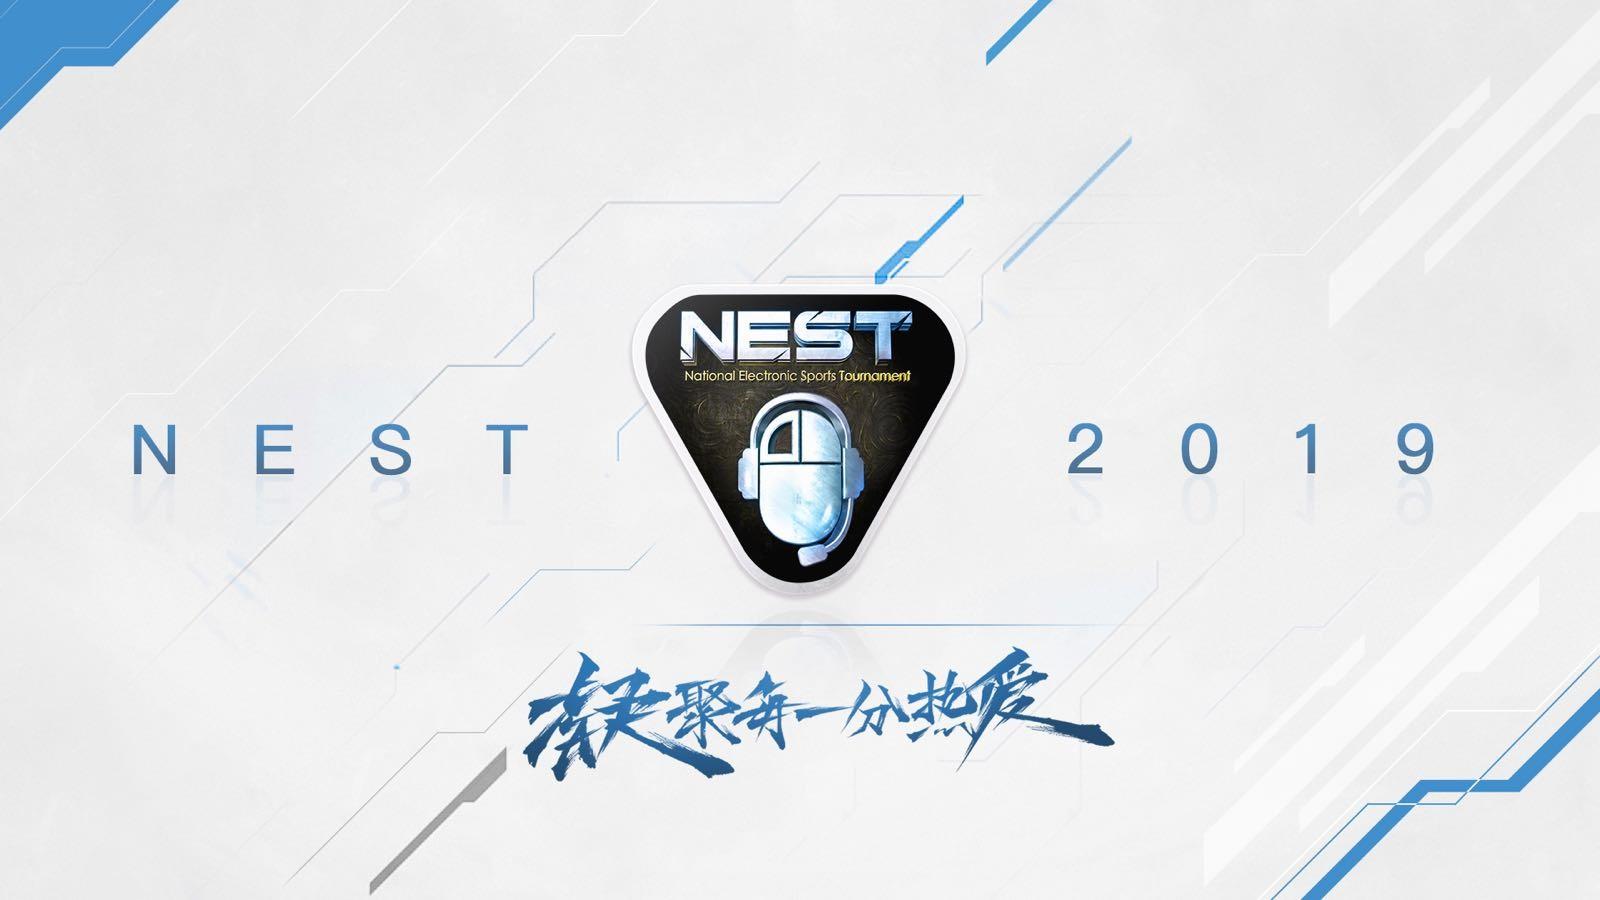 2019NEST大赛英雄联盟夏季总决赛落地贵阳市